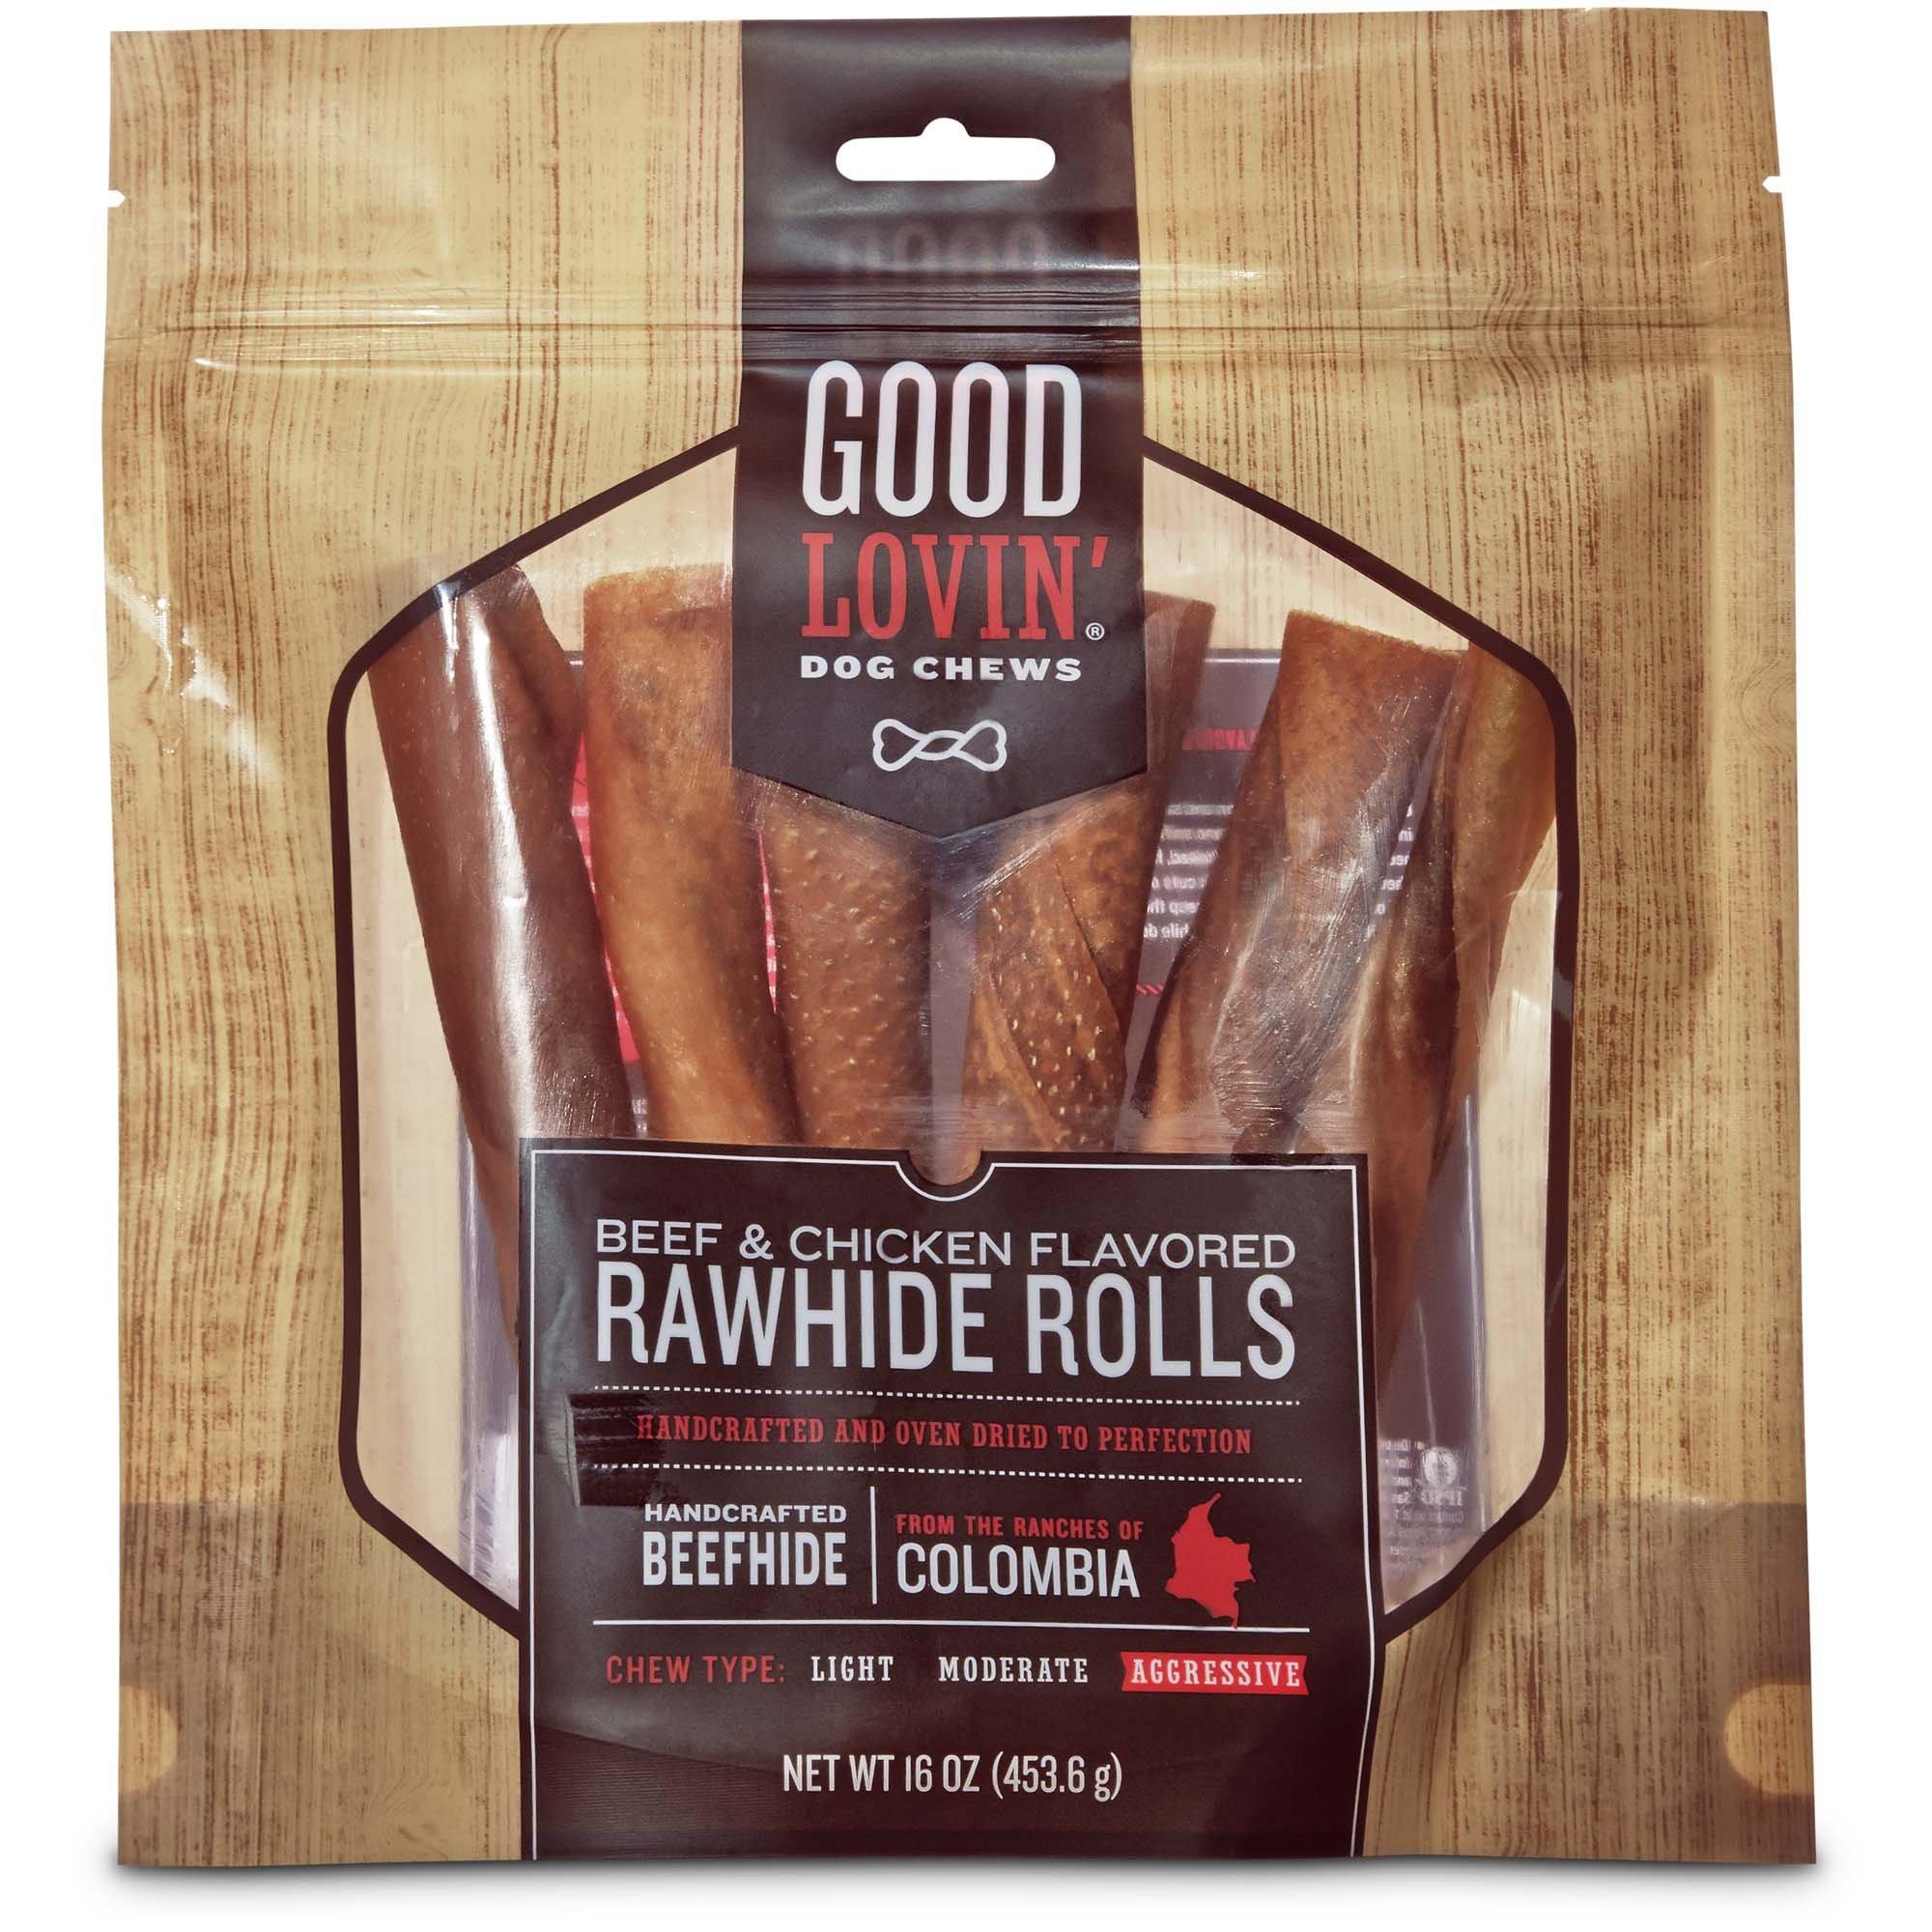 Good Lovin' Beef & Chicken Flavored Rawhide Roll Dog Chews, 16 oz.